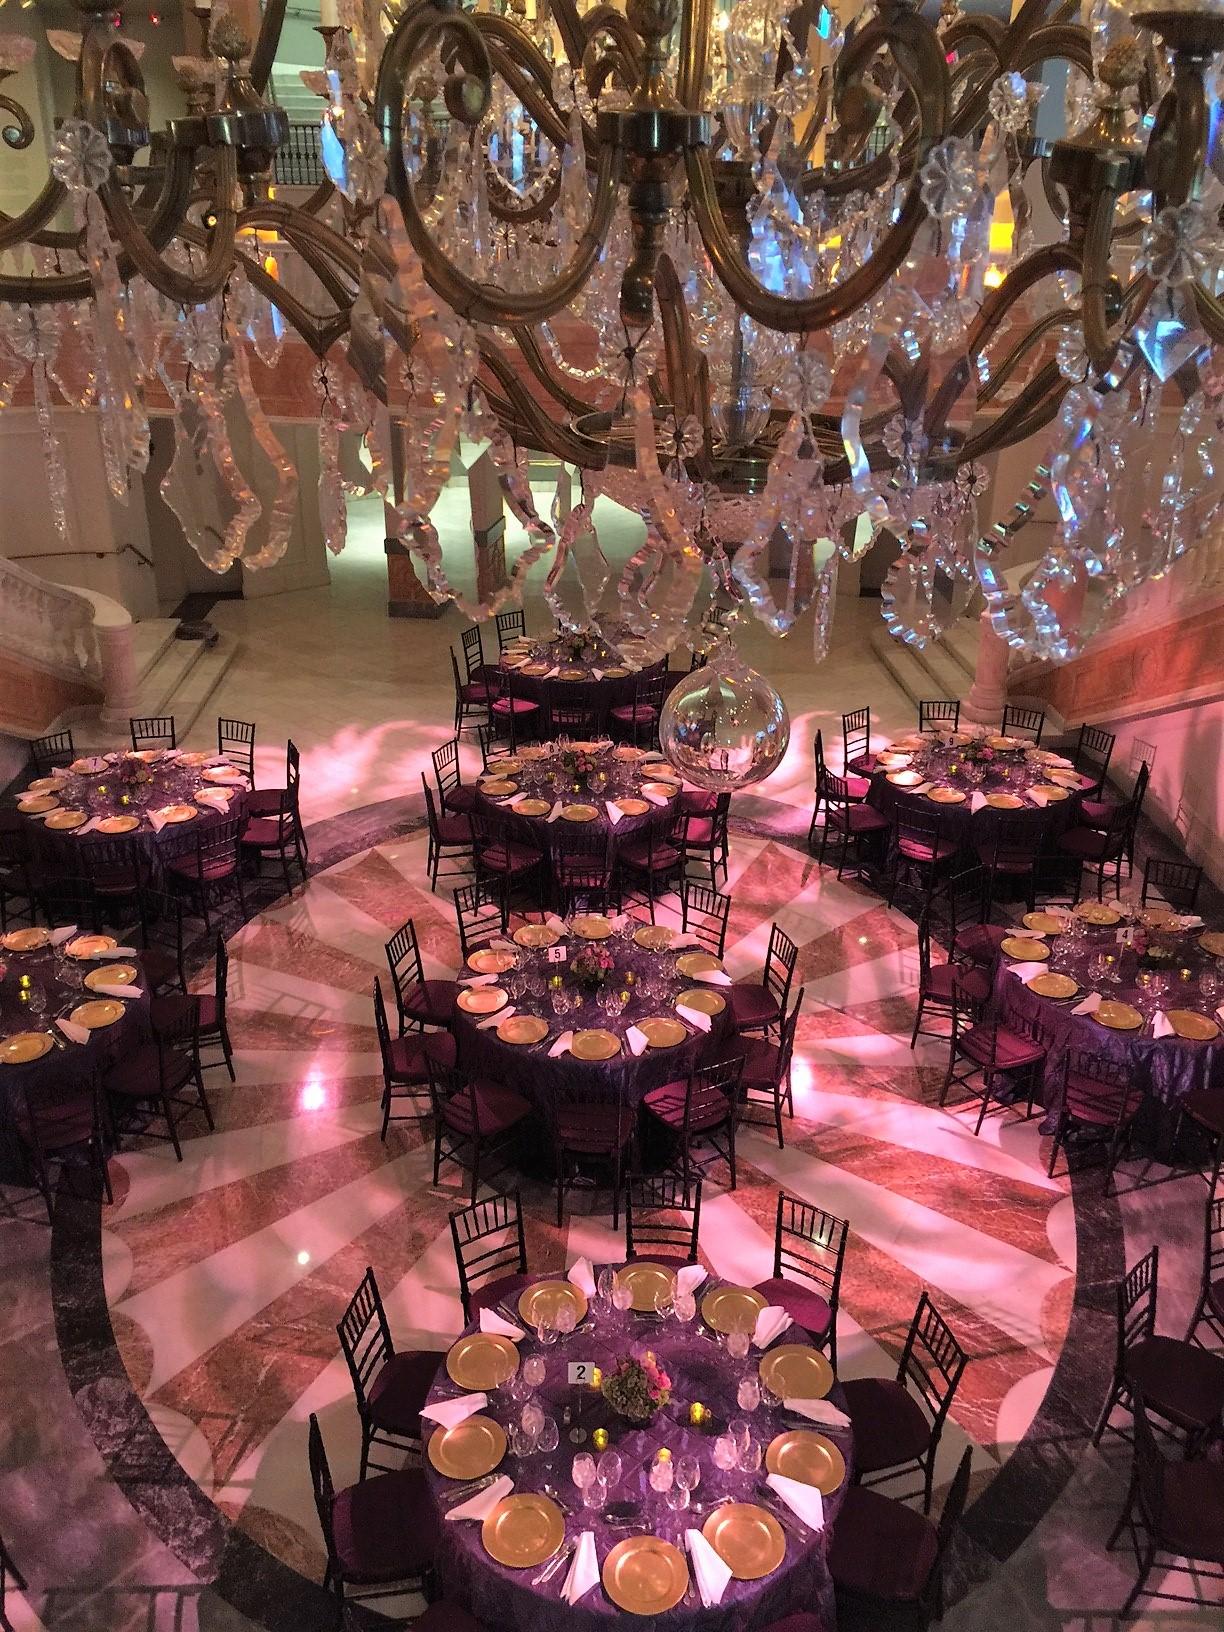 avalon-caterers-dnc dinner chandelier.jpg